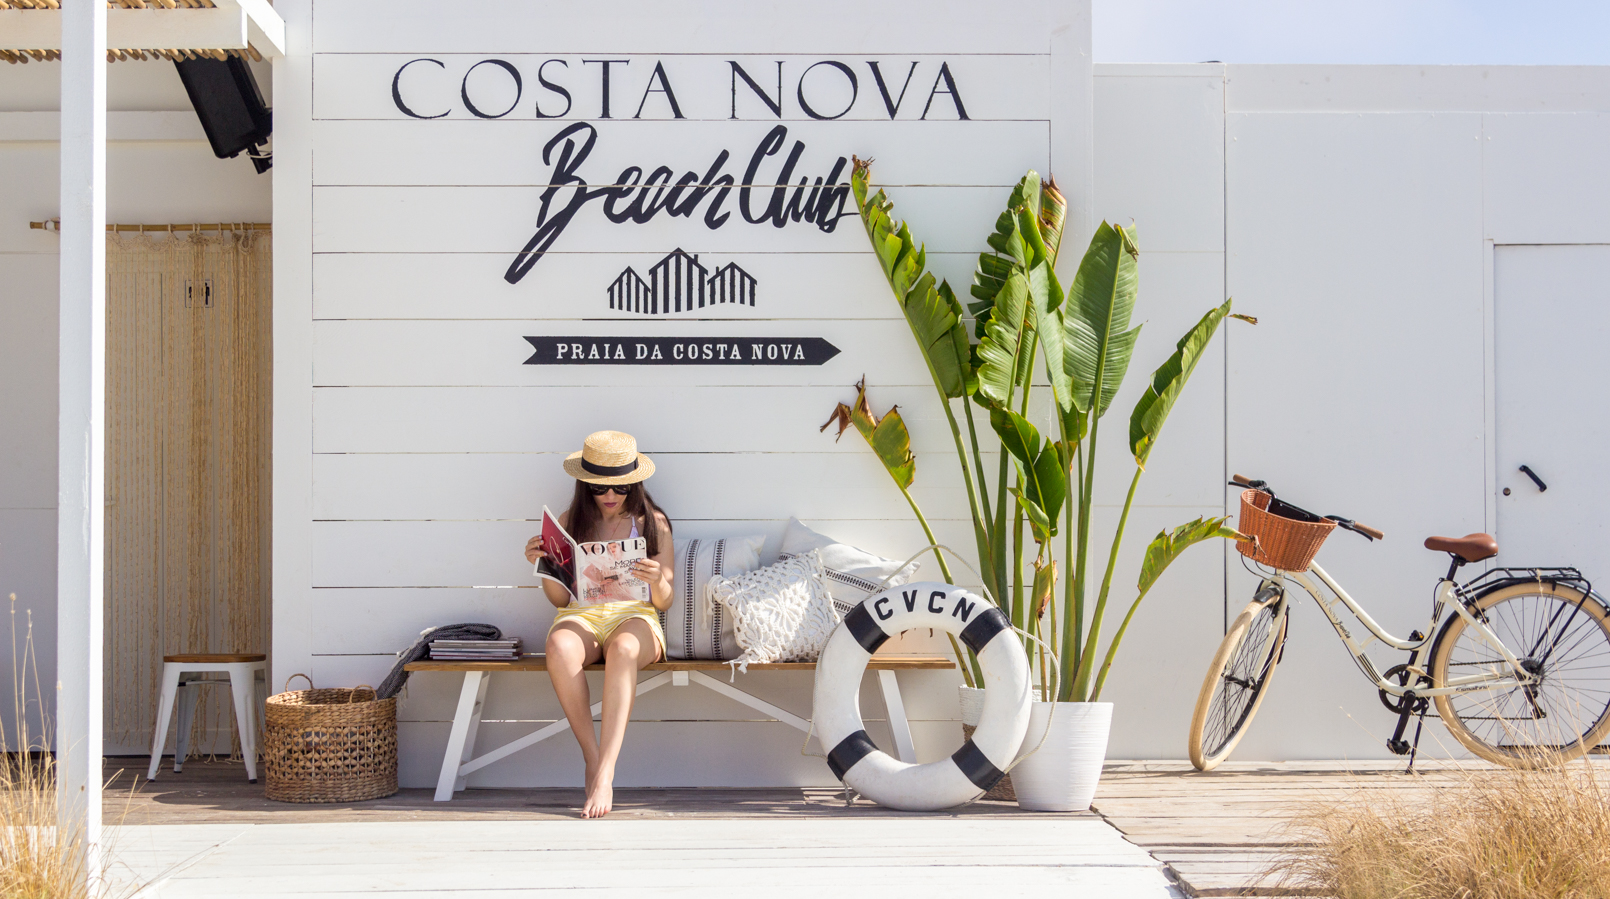 Le Fashionaire O Beach Club imperdível deste verão chapeu palha bege fita preta stradivarius folhas bananeira bicicleta 5072F PT